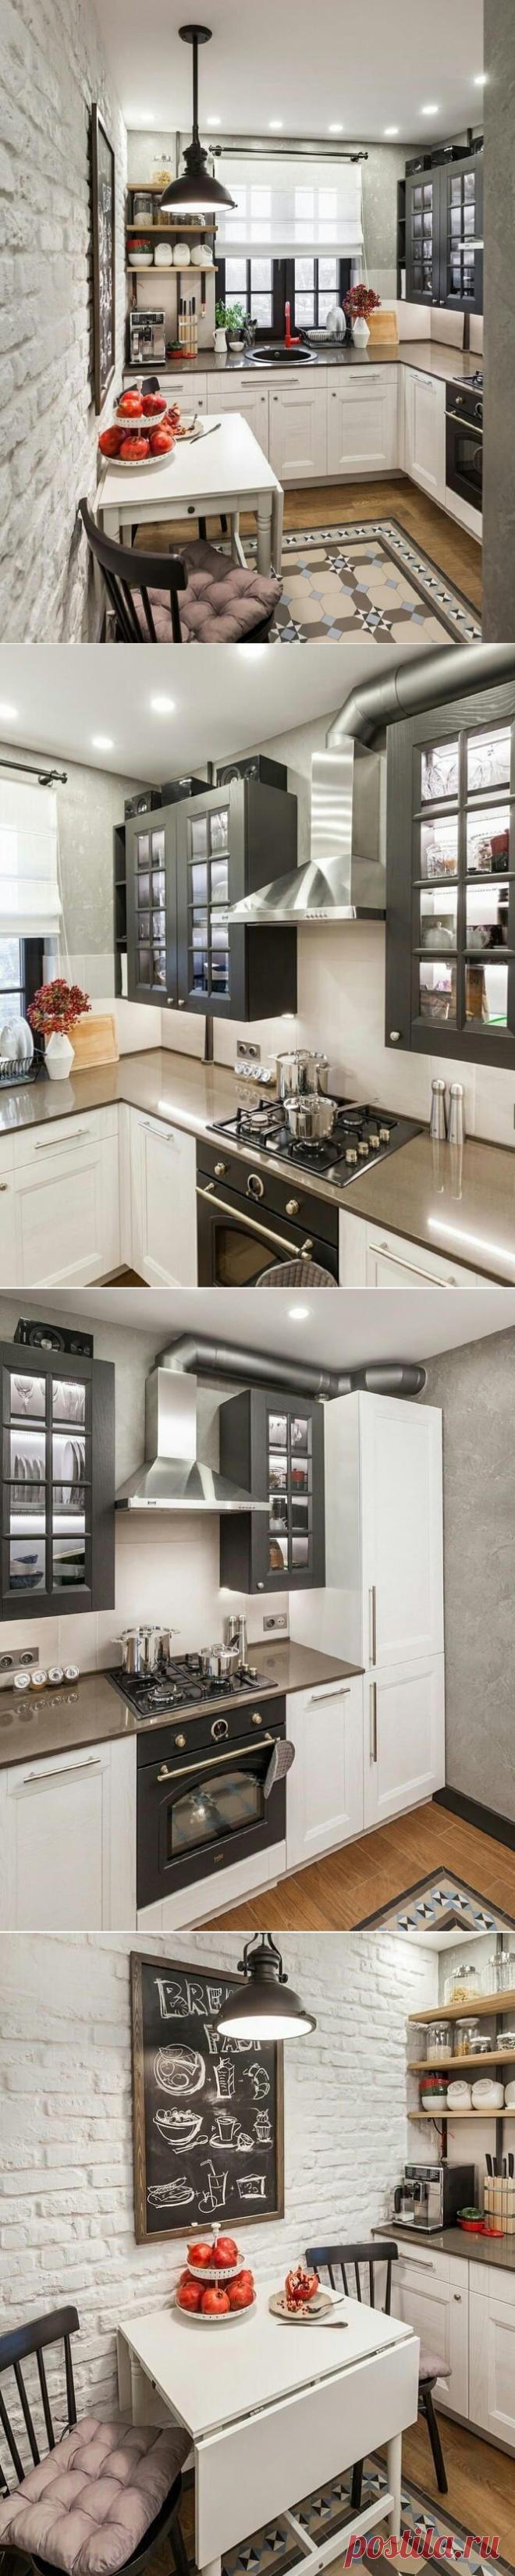 Удивительной красоты кухня, которая покорит Вас своими деталями и общей атмосферой уюта и тепла.   DESIGNER   Яндекс Дзен